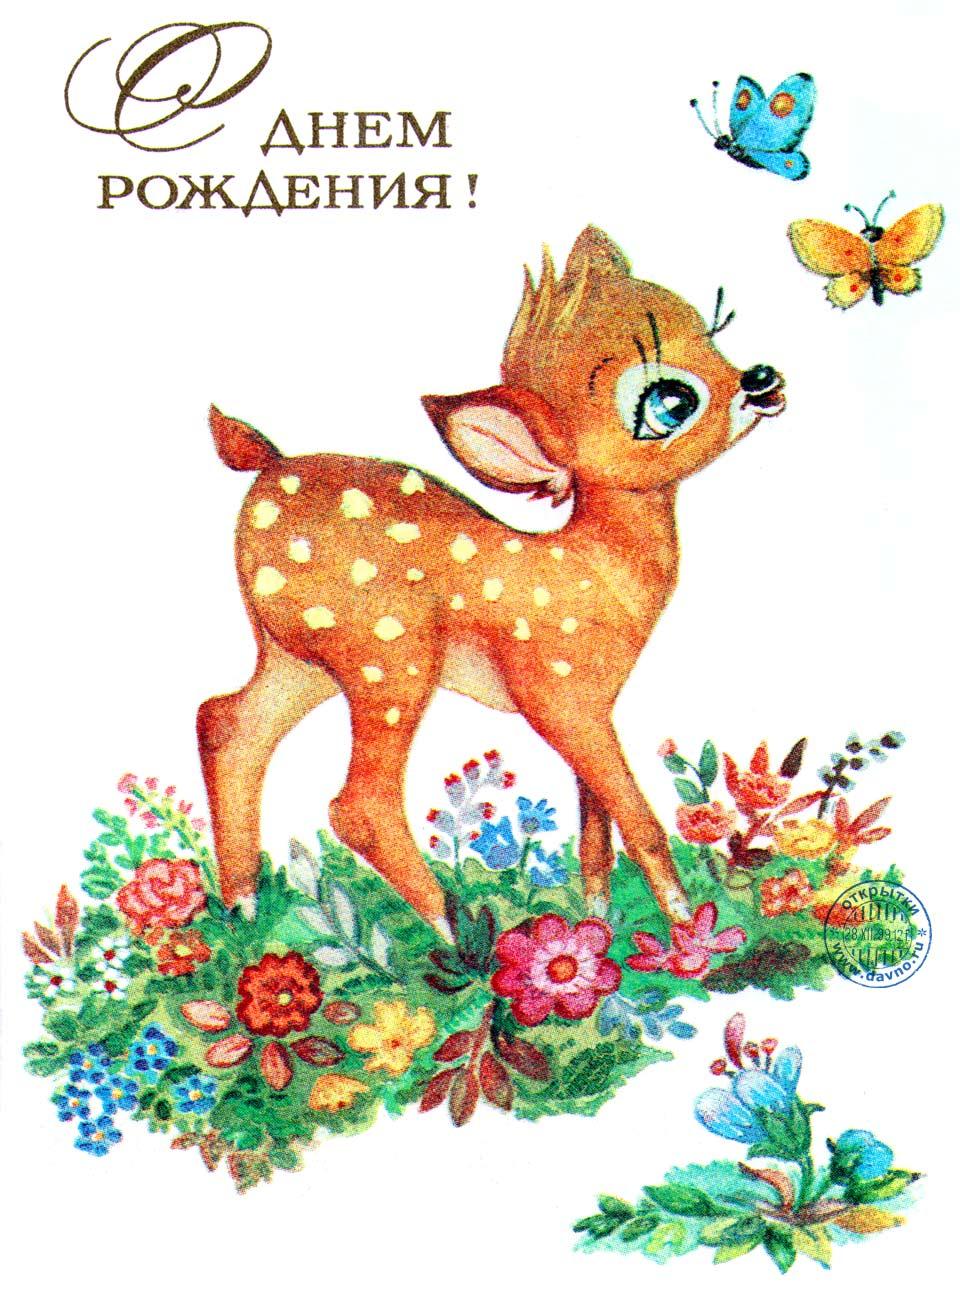 С днем рождения картинки советская открытка, надписями скучашки удачного